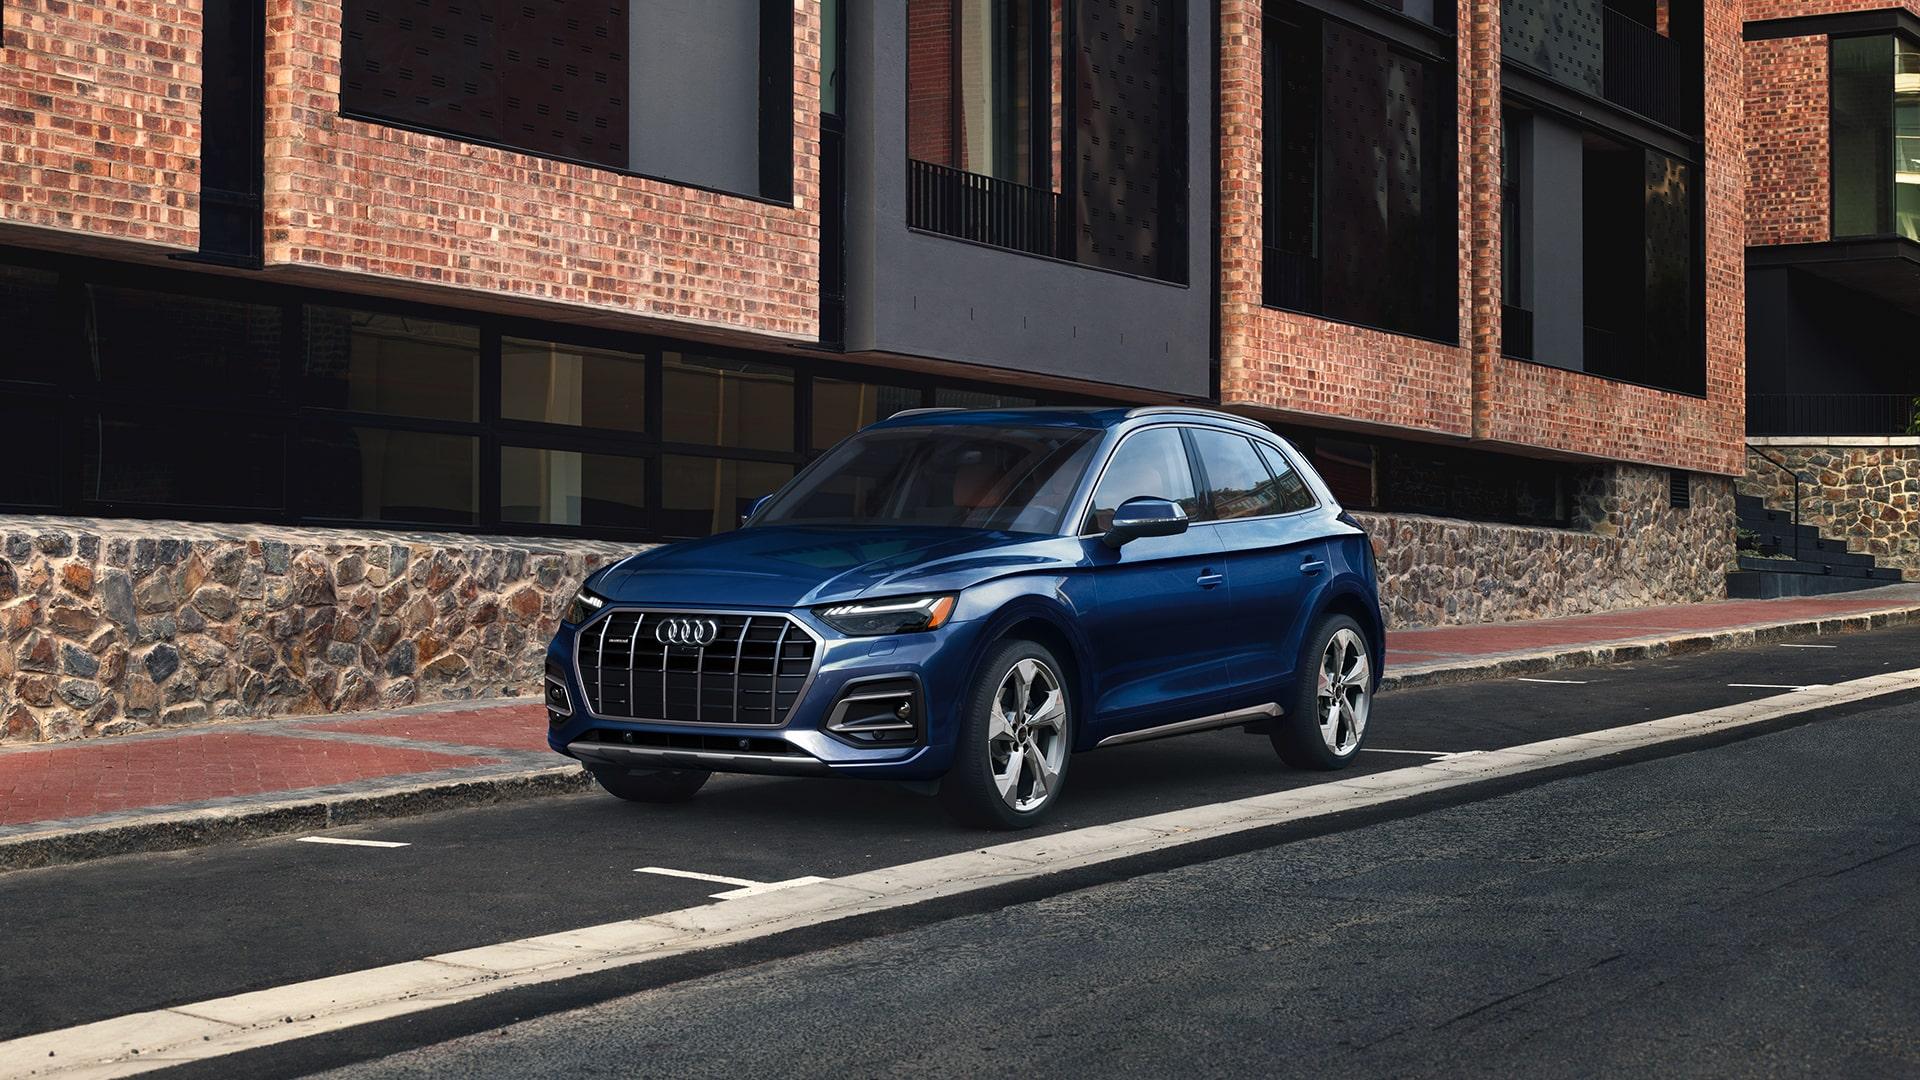 2021 Audi Q5 Luxury Suv Audi Usa